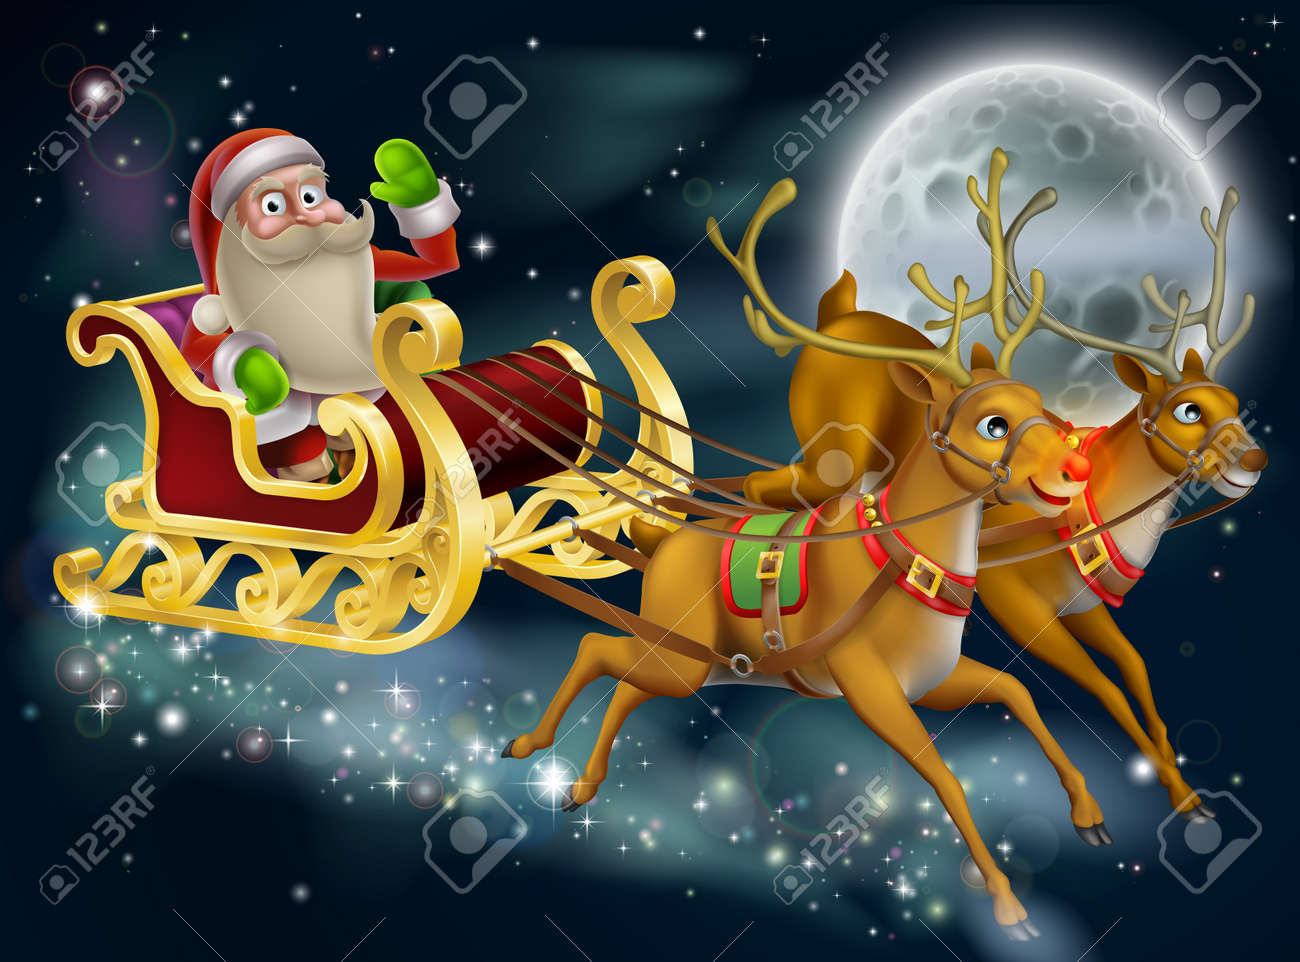 Wonderbaarlijk Kerstman Slee Scène Van De Kerstman In Zijn Slee Door De Lucht DT-72